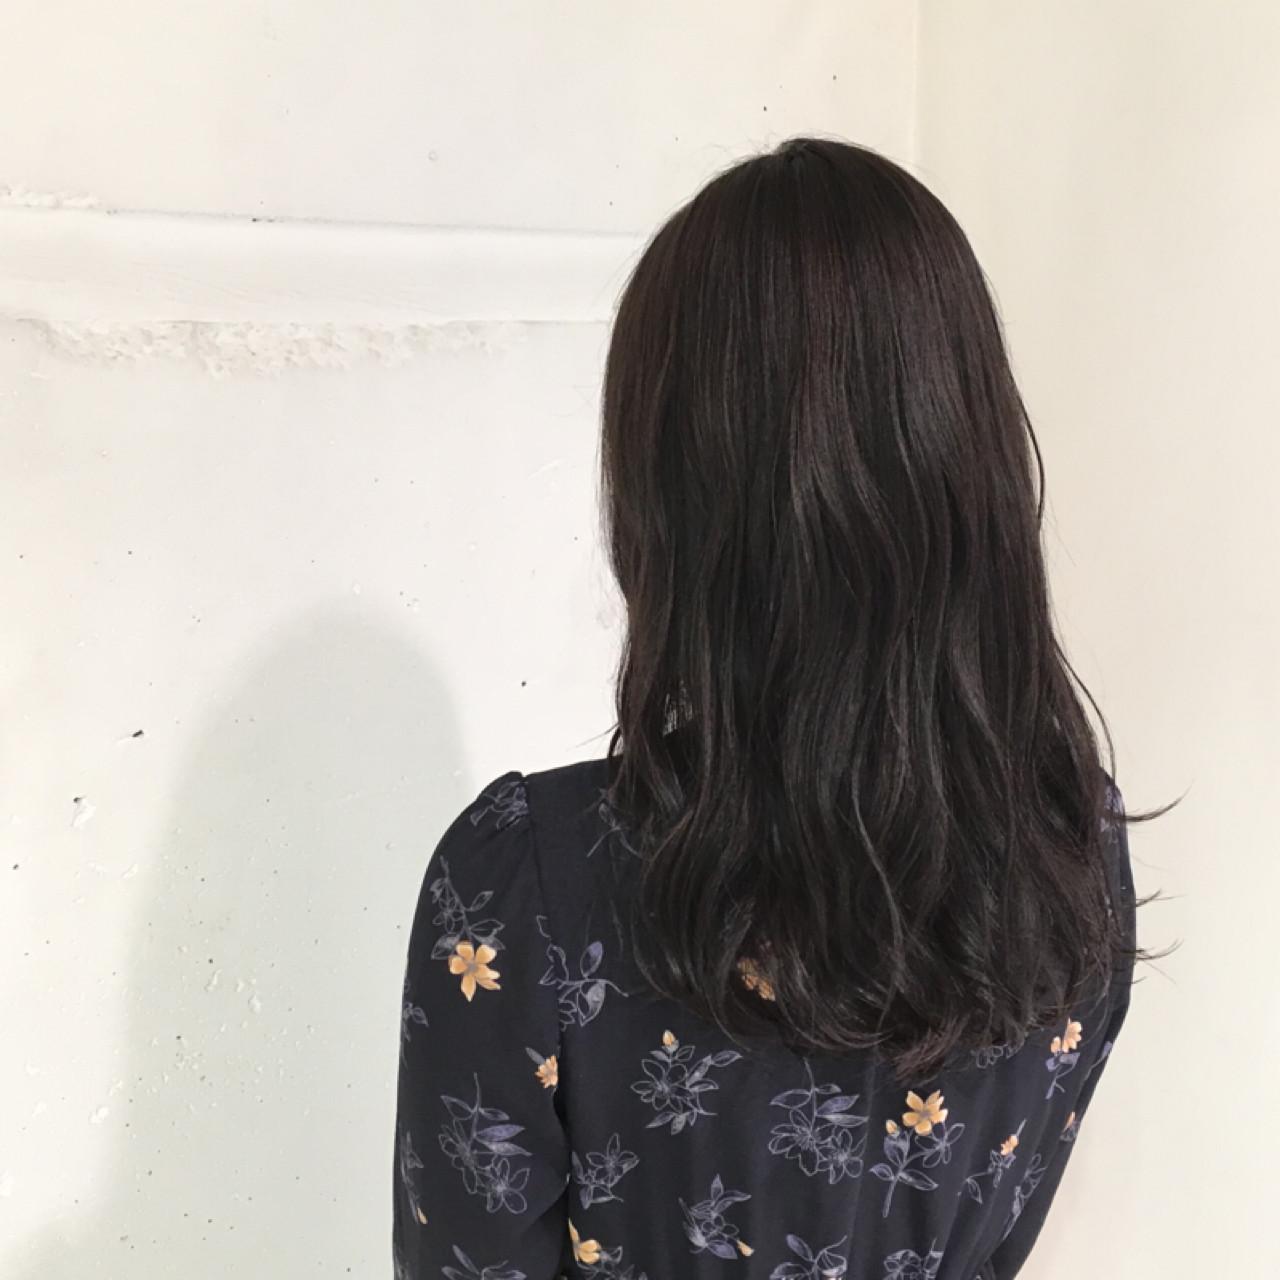 グレージュ ゆるふわ 暗髪 アッシュ ヘアスタイルや髪型の写真・画像 | 鈴木 謙太 / HAIRLOGY